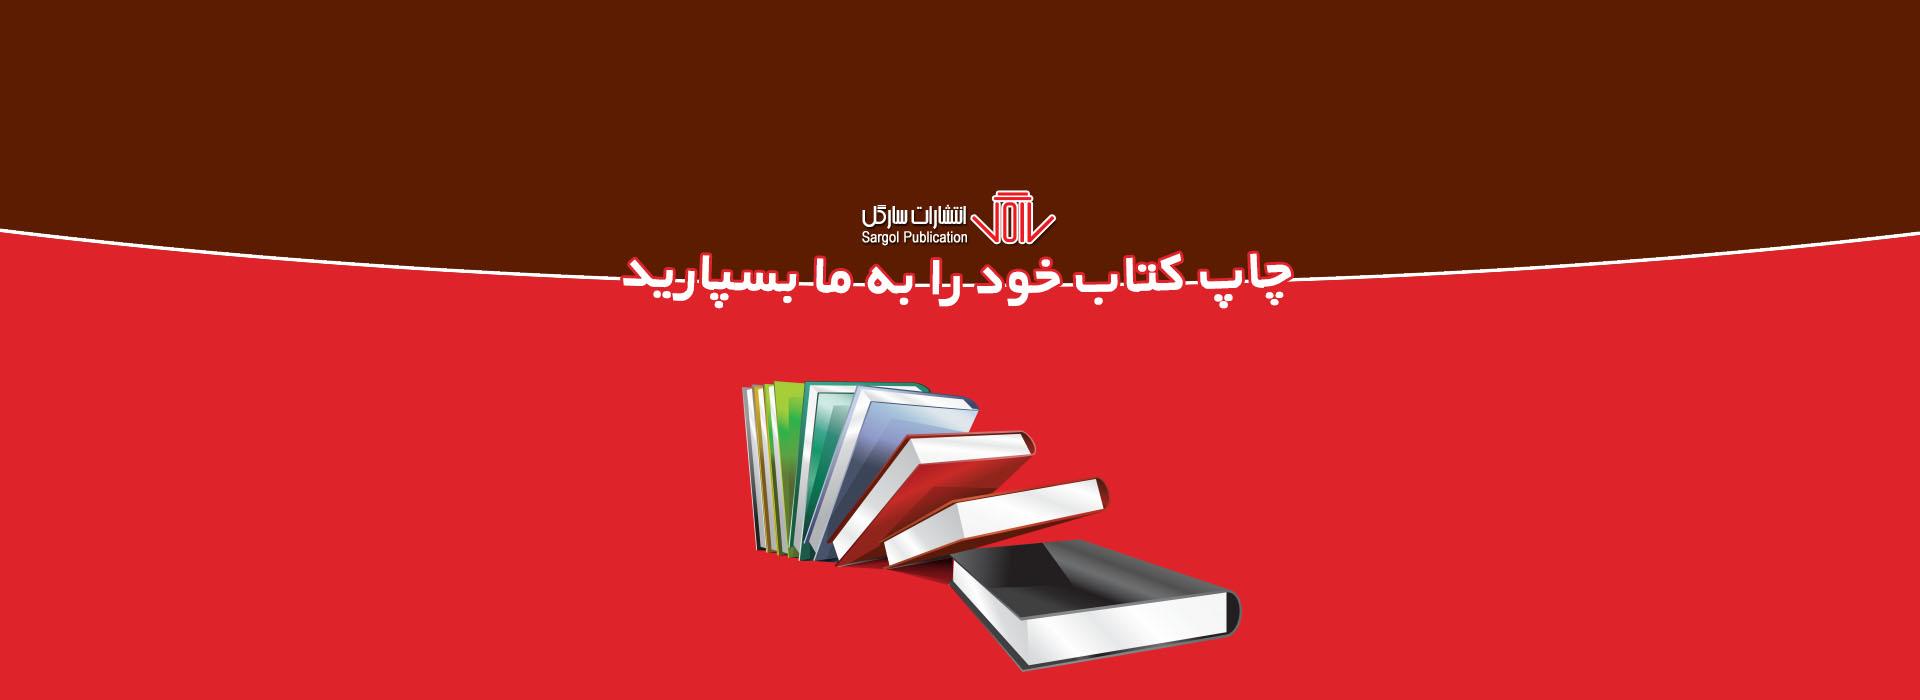 title_5e8146a6e44e321299931211585530534